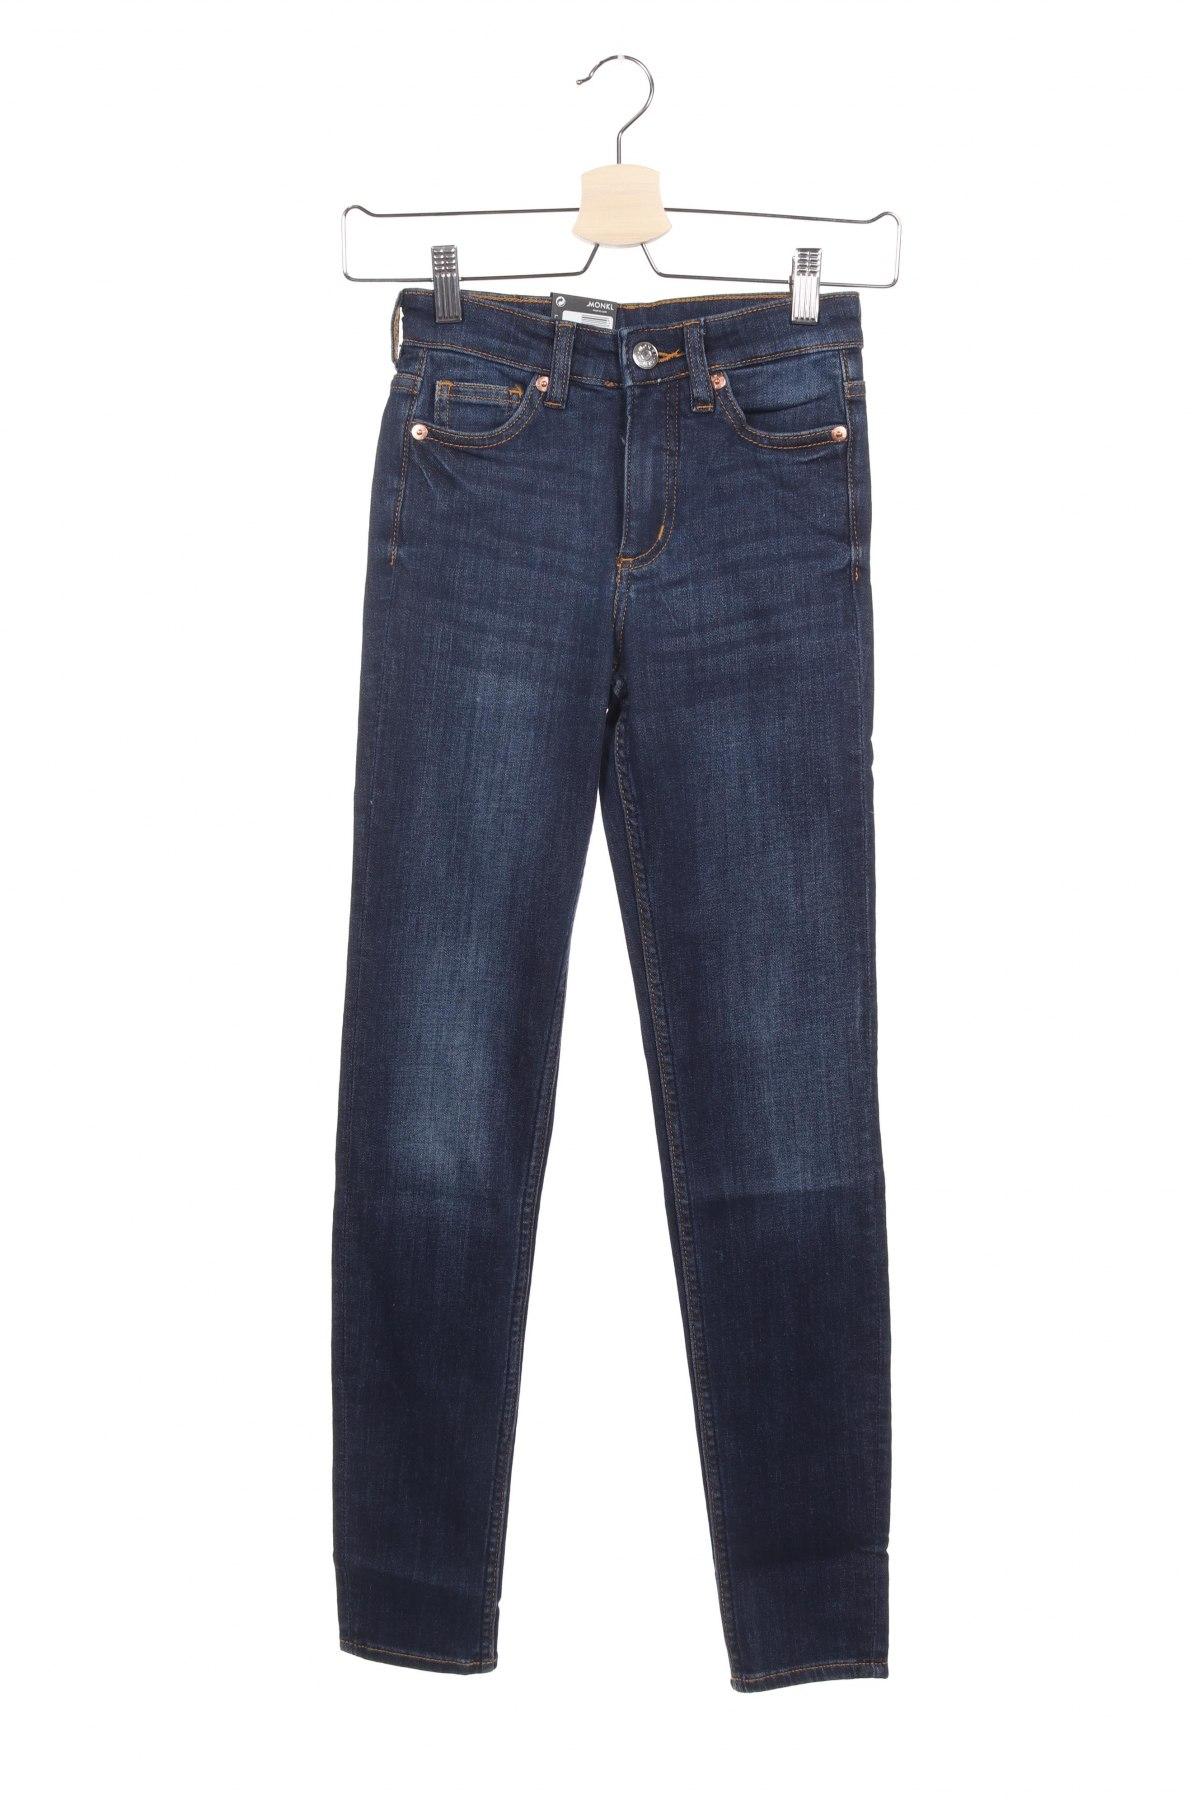 Дамски дънки Monki, Размер XXS, Цвят Син, 86% памук, 12% полиестер, 2% еластан, Цена 22,35лв.